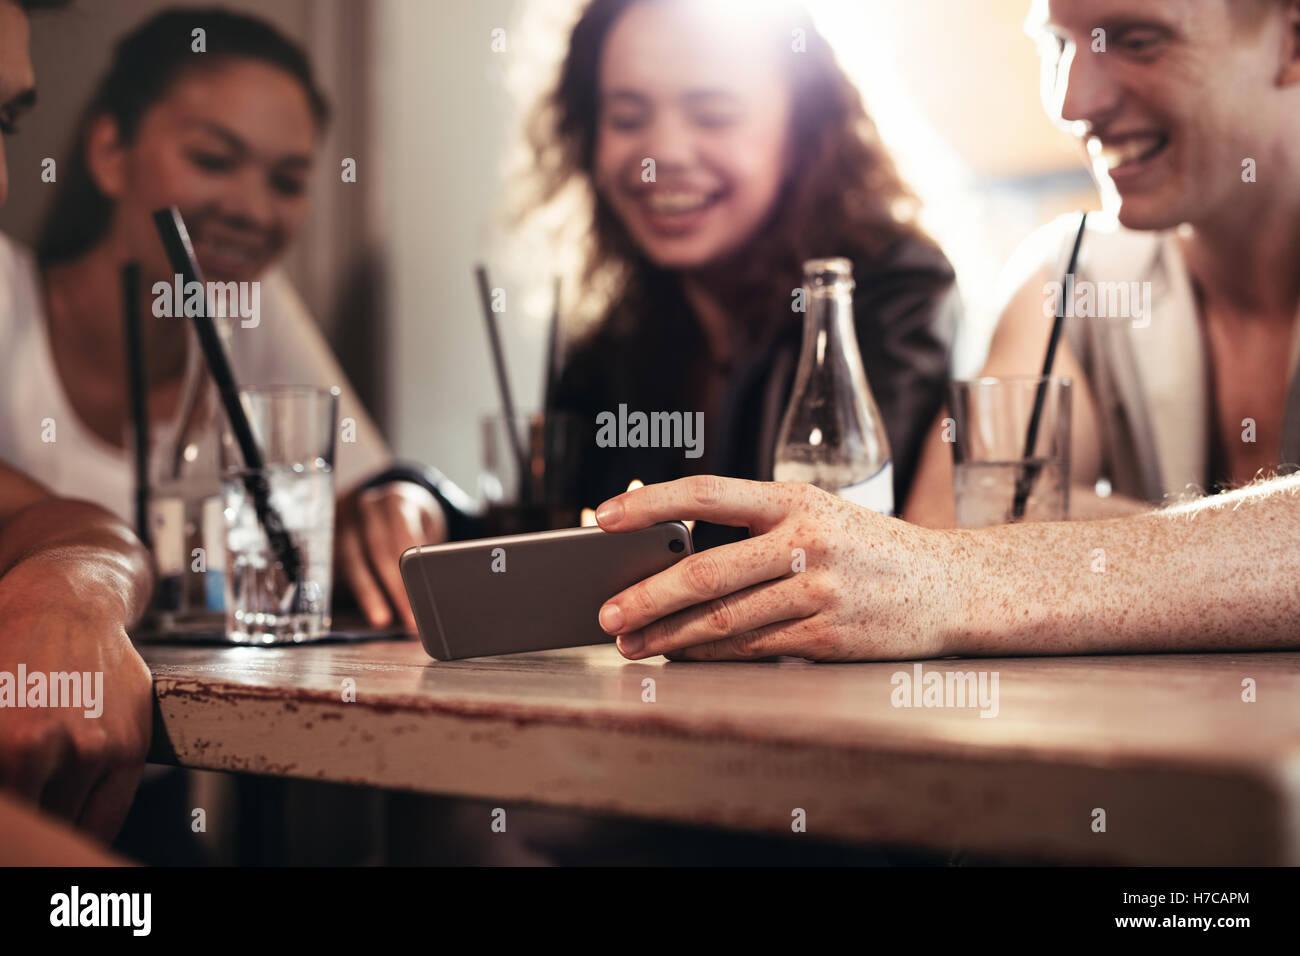 Gruppe von Freunden in einer Bar sitzen und beobachten ein lustiges Video auf Handy, Handy in der Hand des Menschen Stockbild